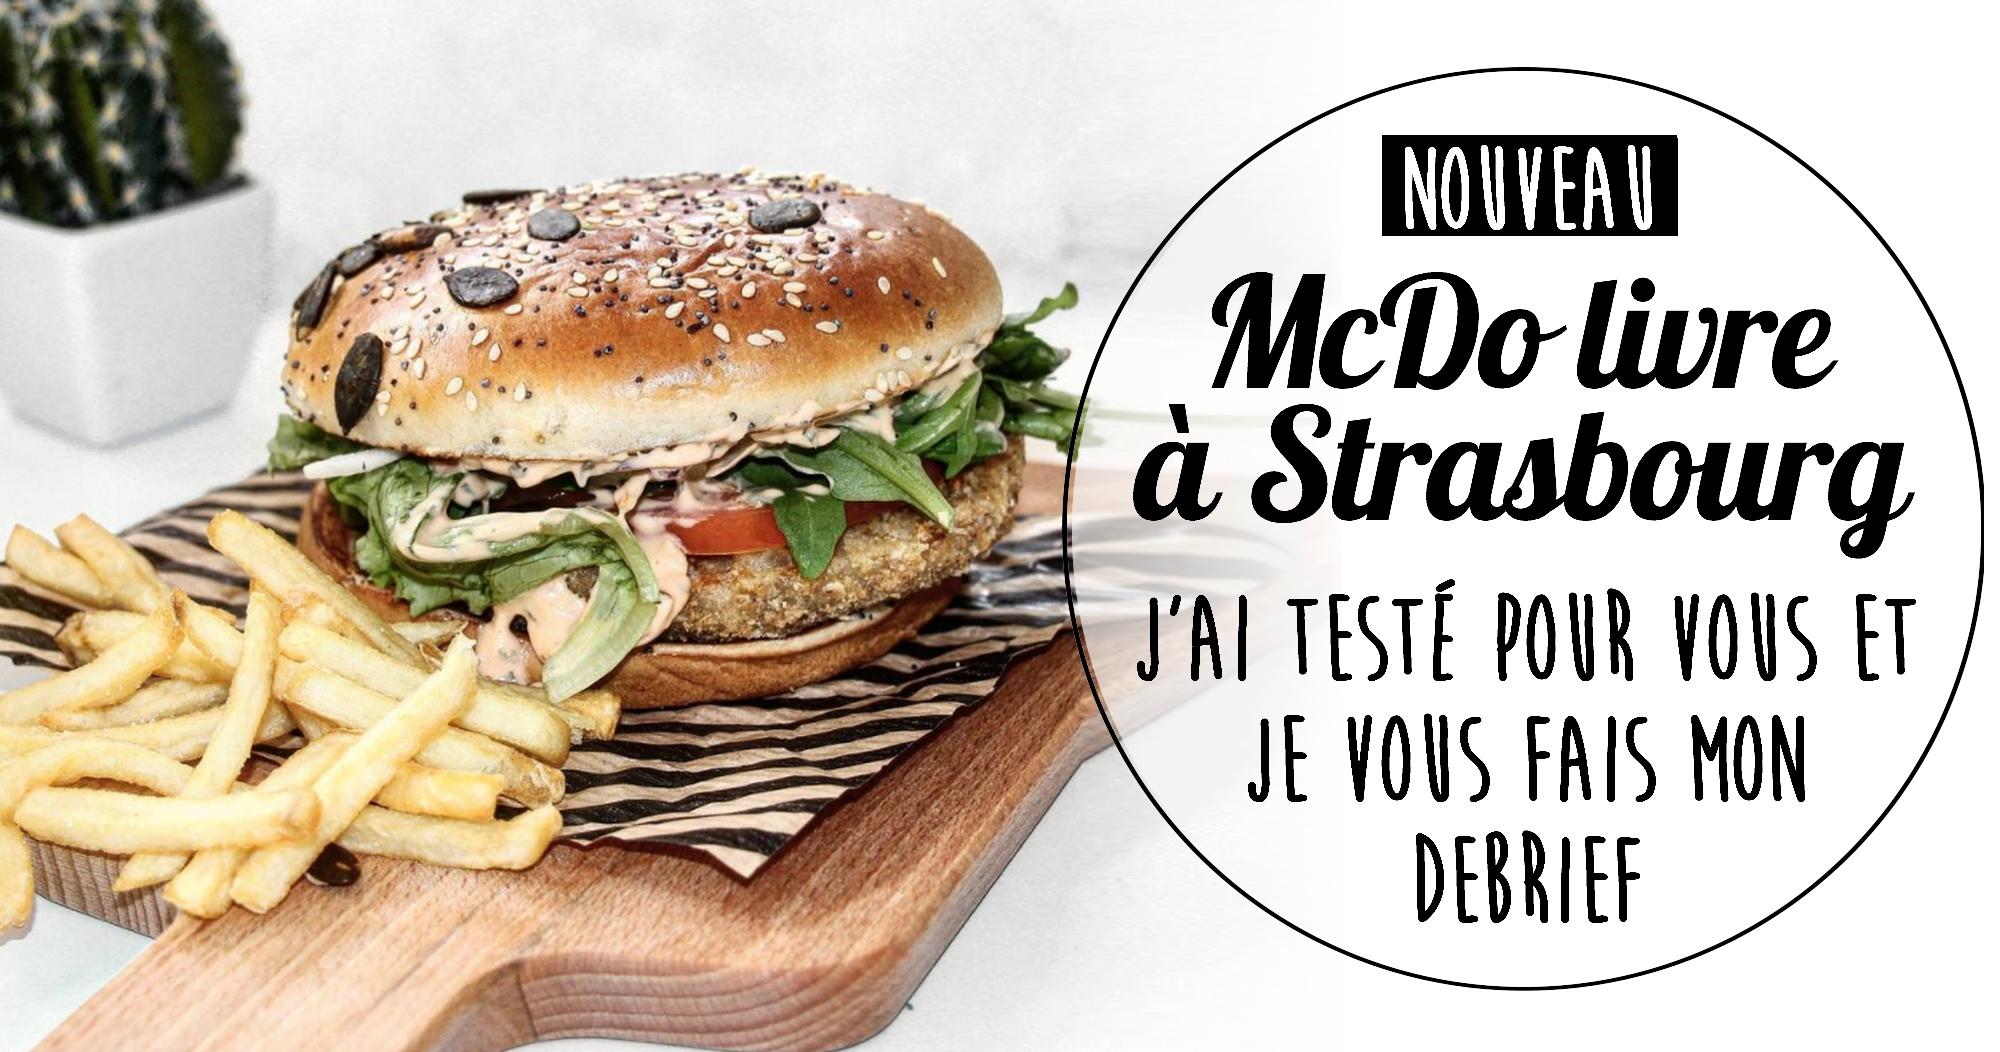 Nouveau : McDo livre à Strasbourg et j'ai testé pour vous